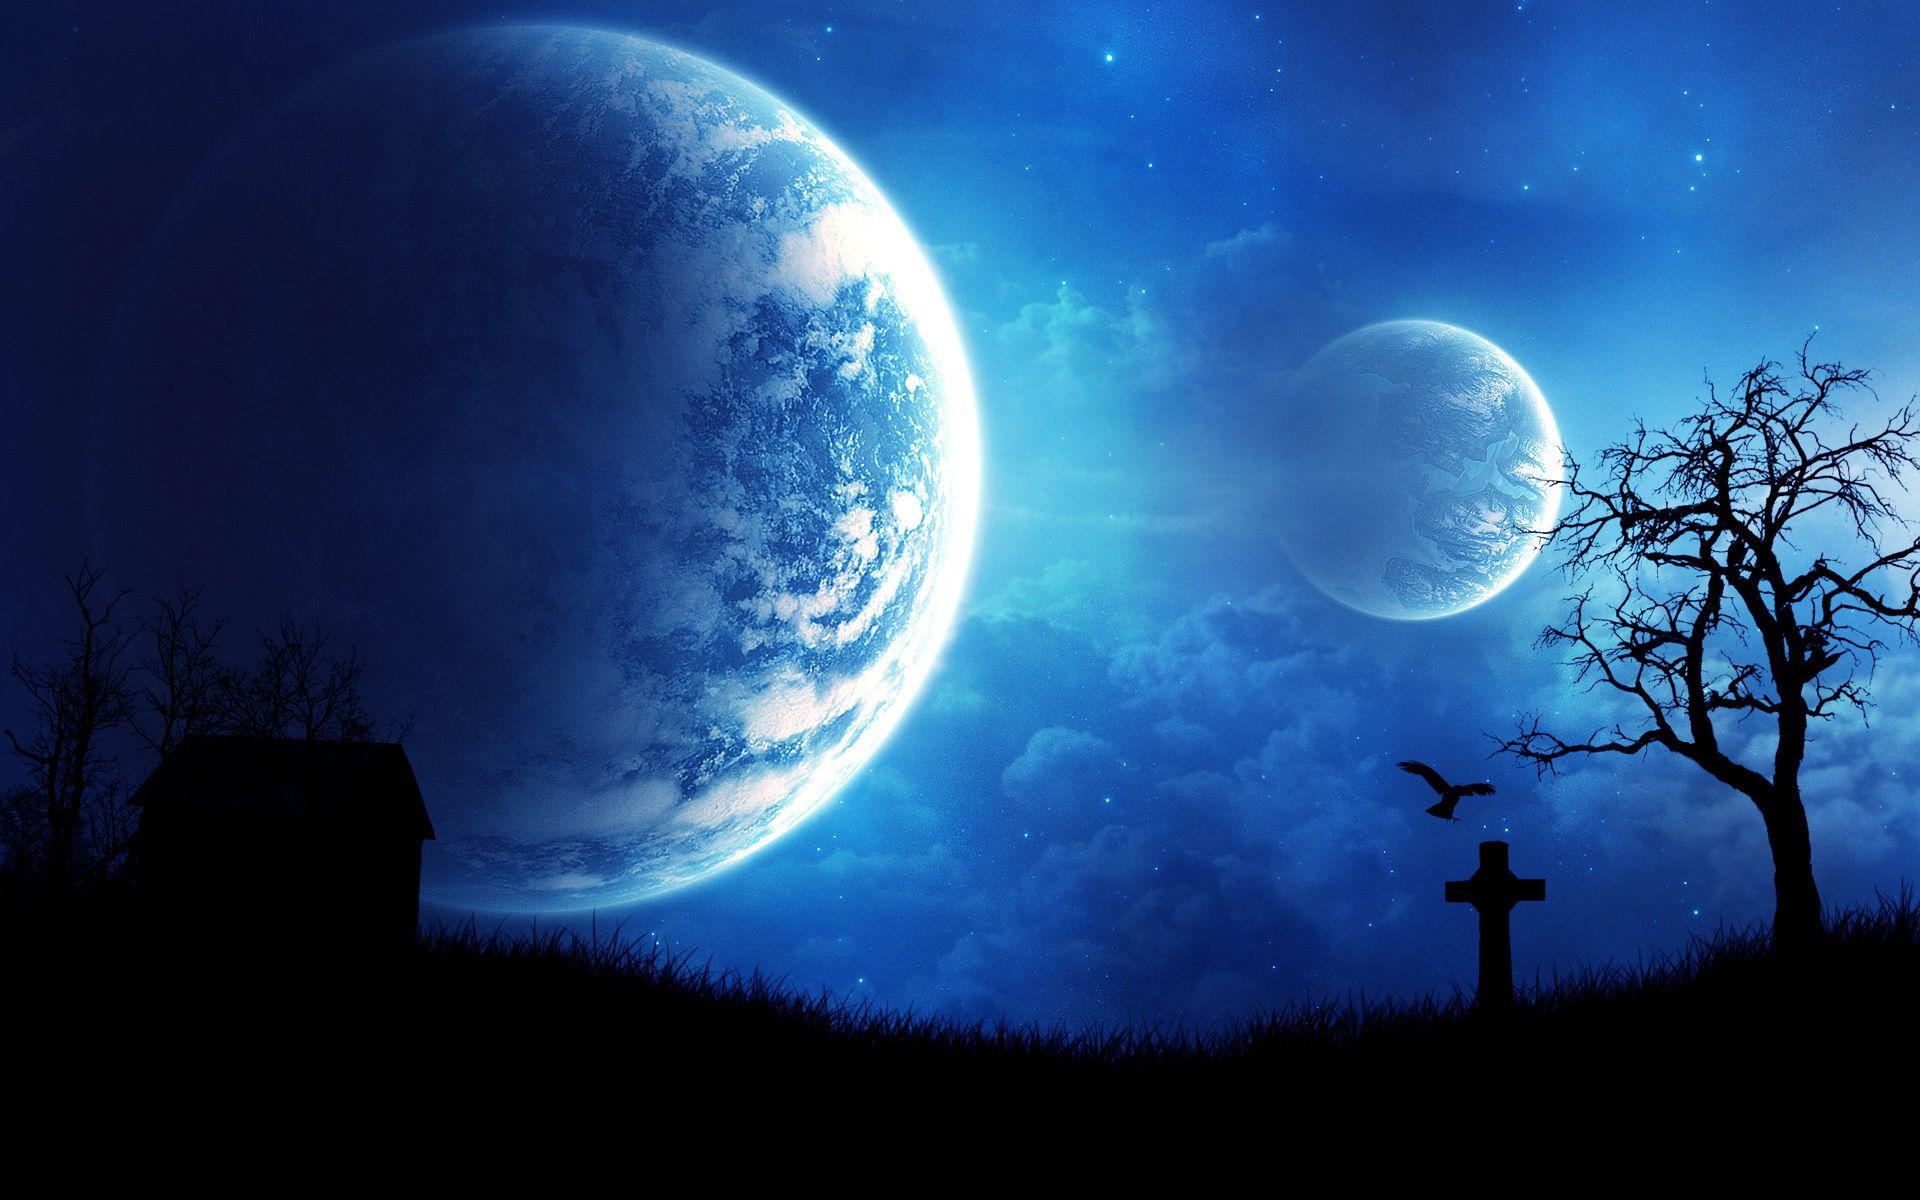 Publié le 21/01/2011 à 20:49 par darkdreams Tags : paysage sombre